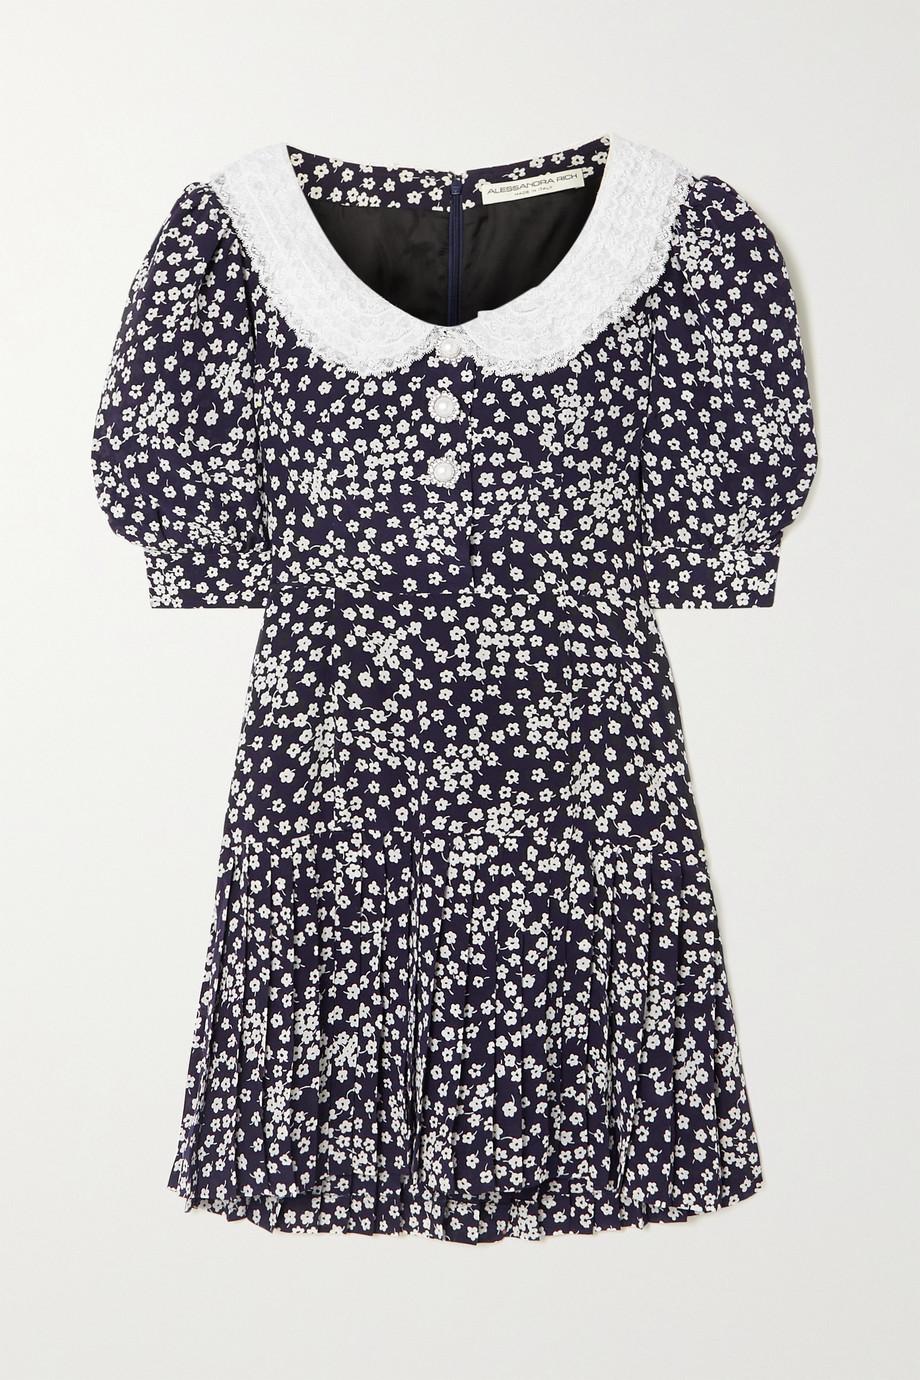 Alessandra Rich Mini-robe en crêpe de Chine de soie à imprimé fleuri et à finitions en dentelle